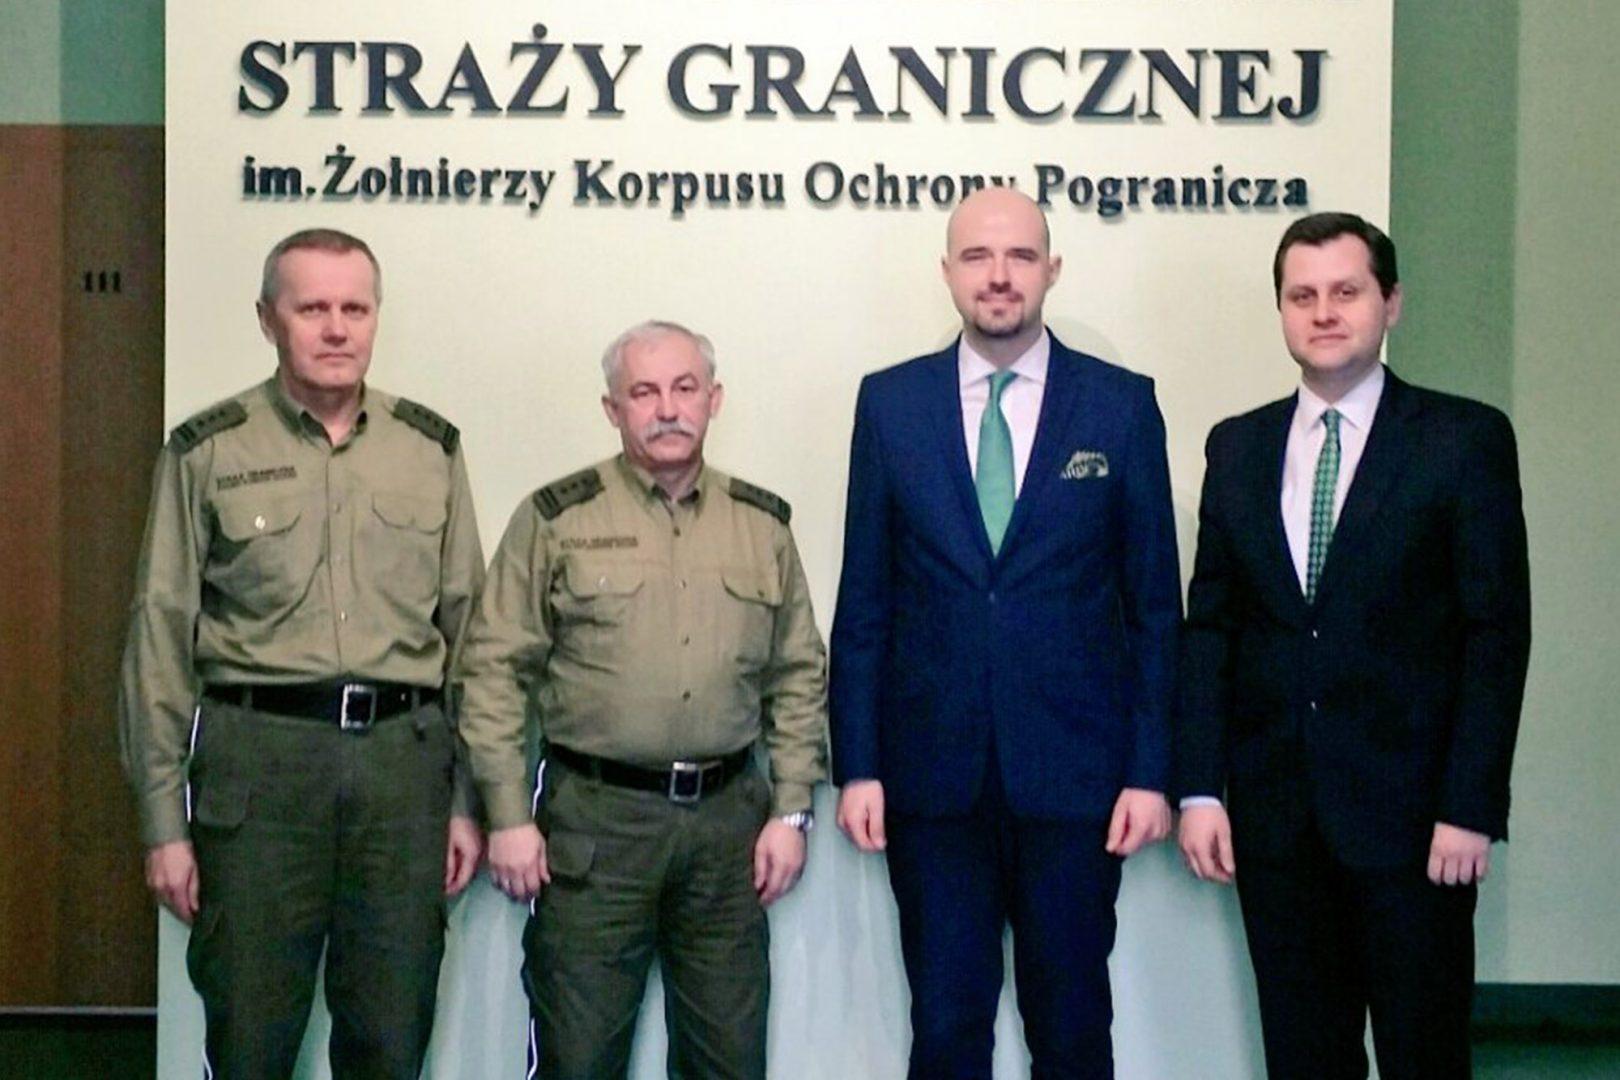 Kluczowa rola Straży Granicznej wSystemie Bezpieczeństwa Państwa – wizyta zarządu FKP wCentrum Szkolenia Straży Granicznej